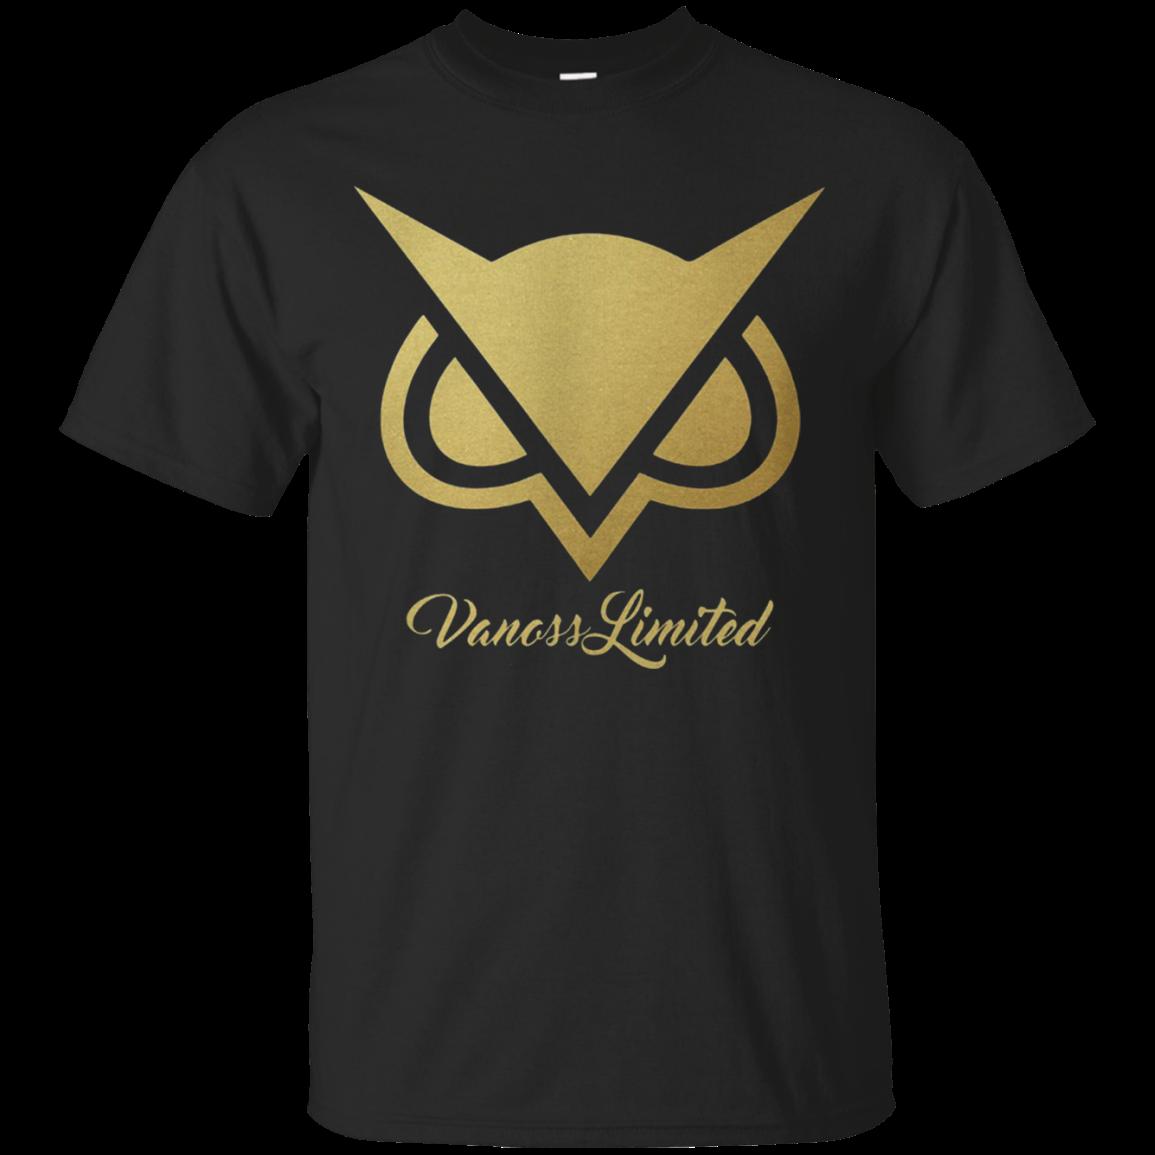 Vanoss Limited T Shirt